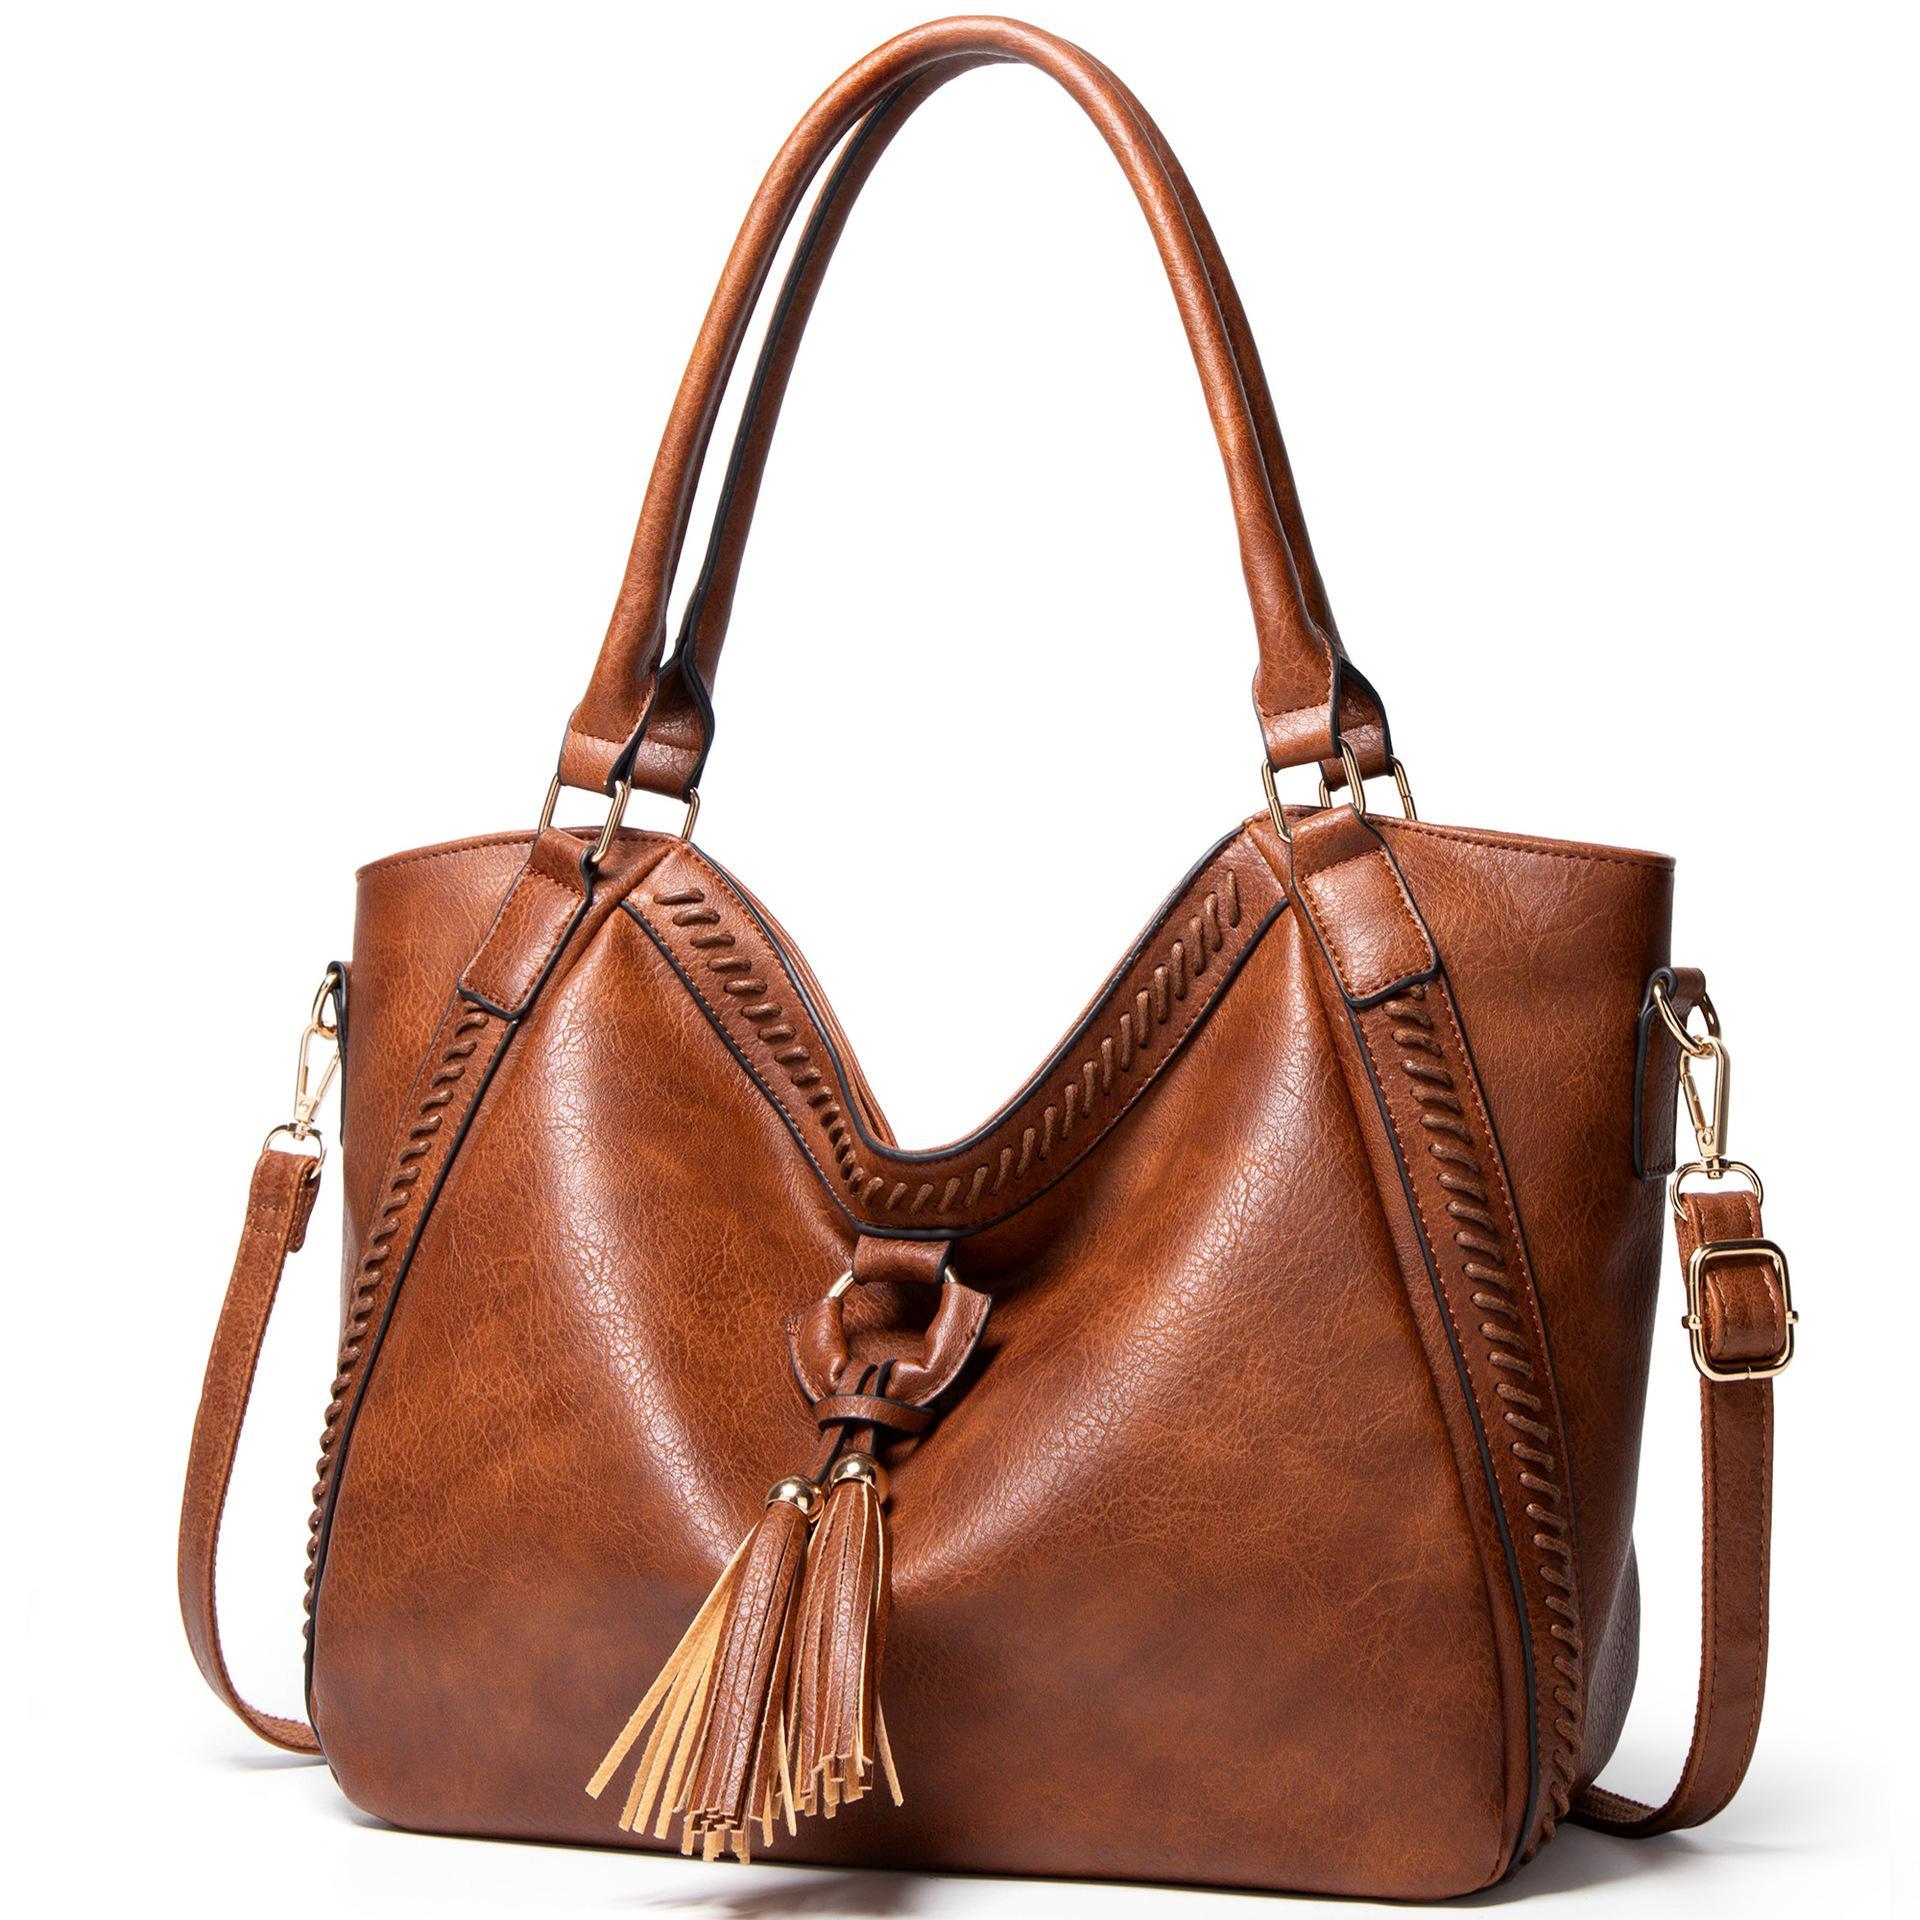 Mode de luxe de luxe dames un sac à bandoulière décoration décoration pure couleur cuir de haute qualité sac sac à main